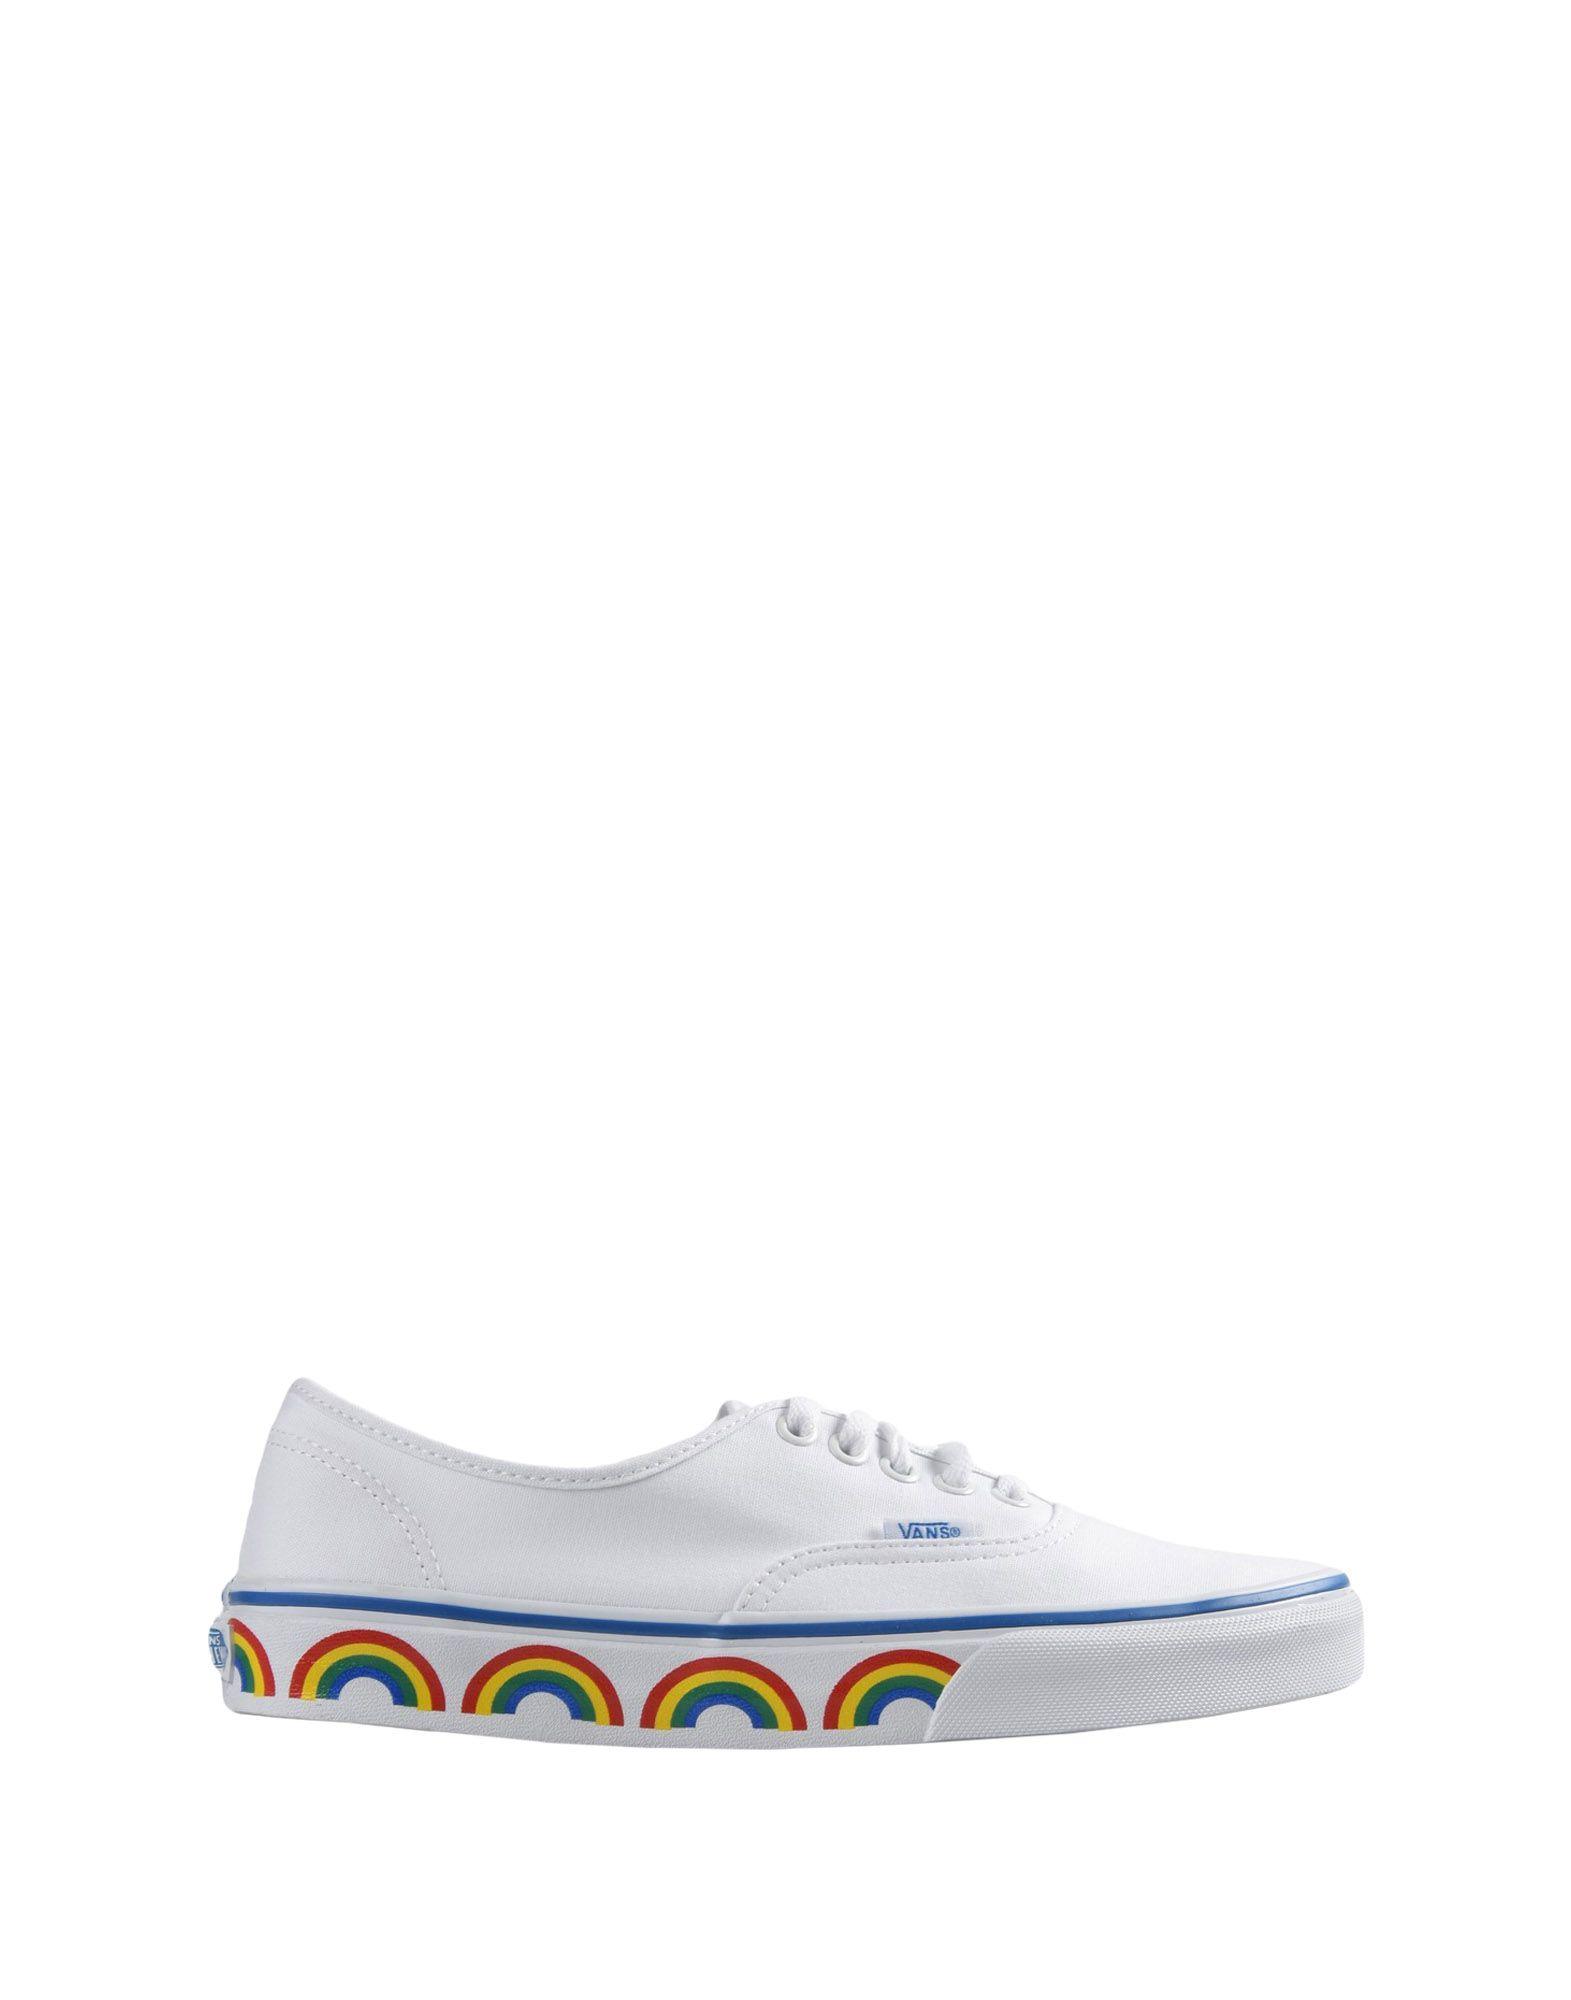 Vans Ua Authentic Schuhe 11231884CB Gute Qualität beliebte Schuhe Authentic 2b9e17